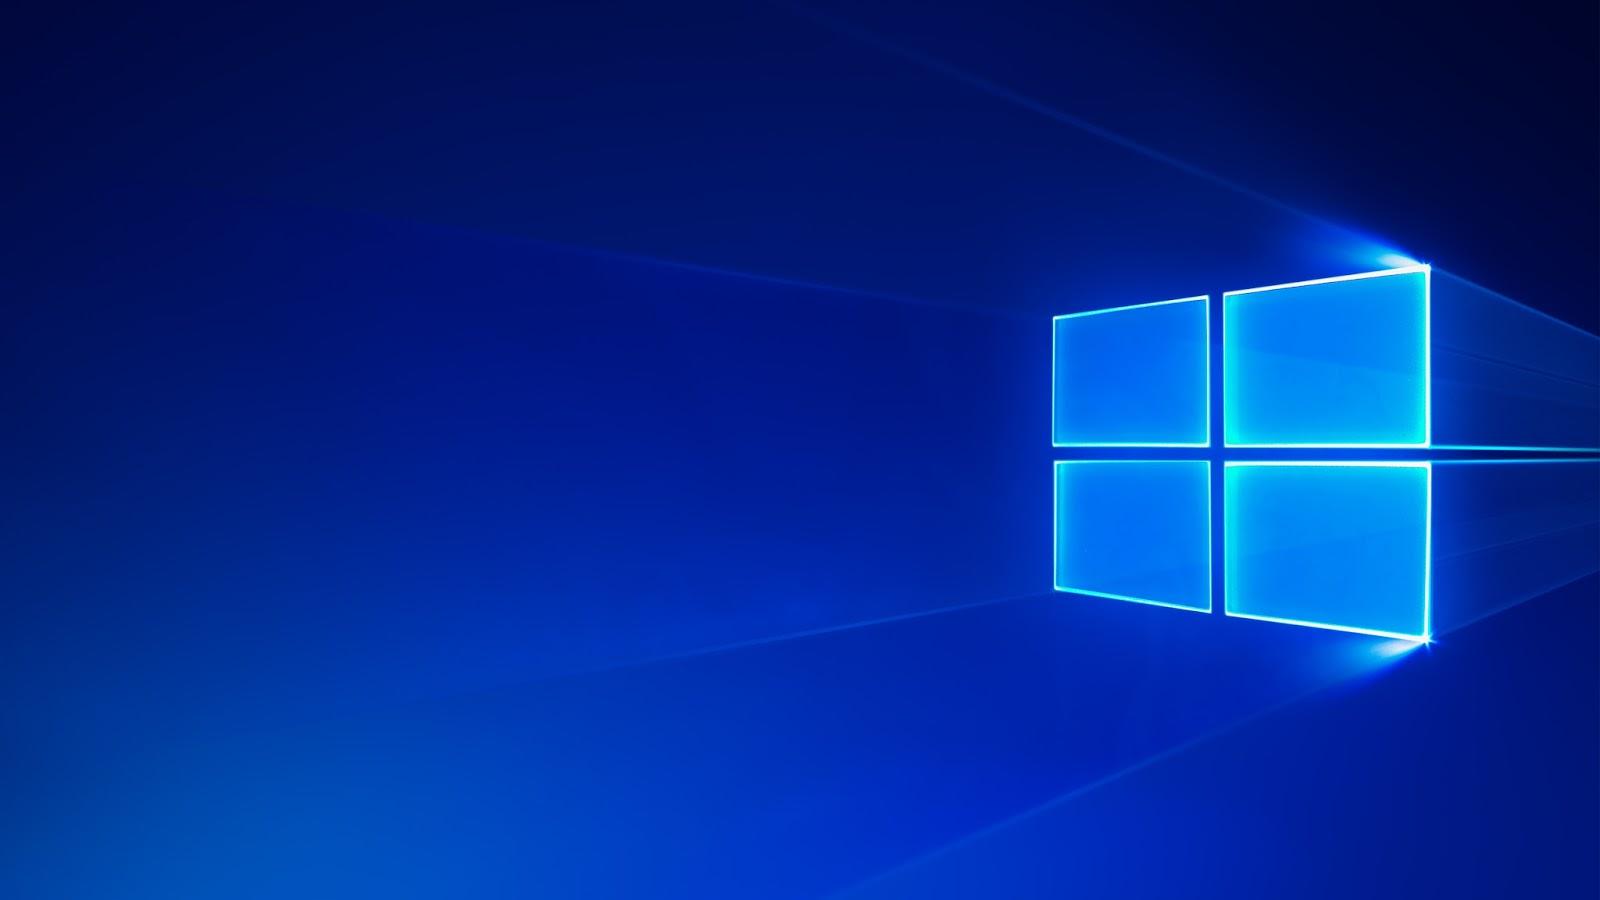 Windows 10 Yeni Hero Duvar Kağıdı